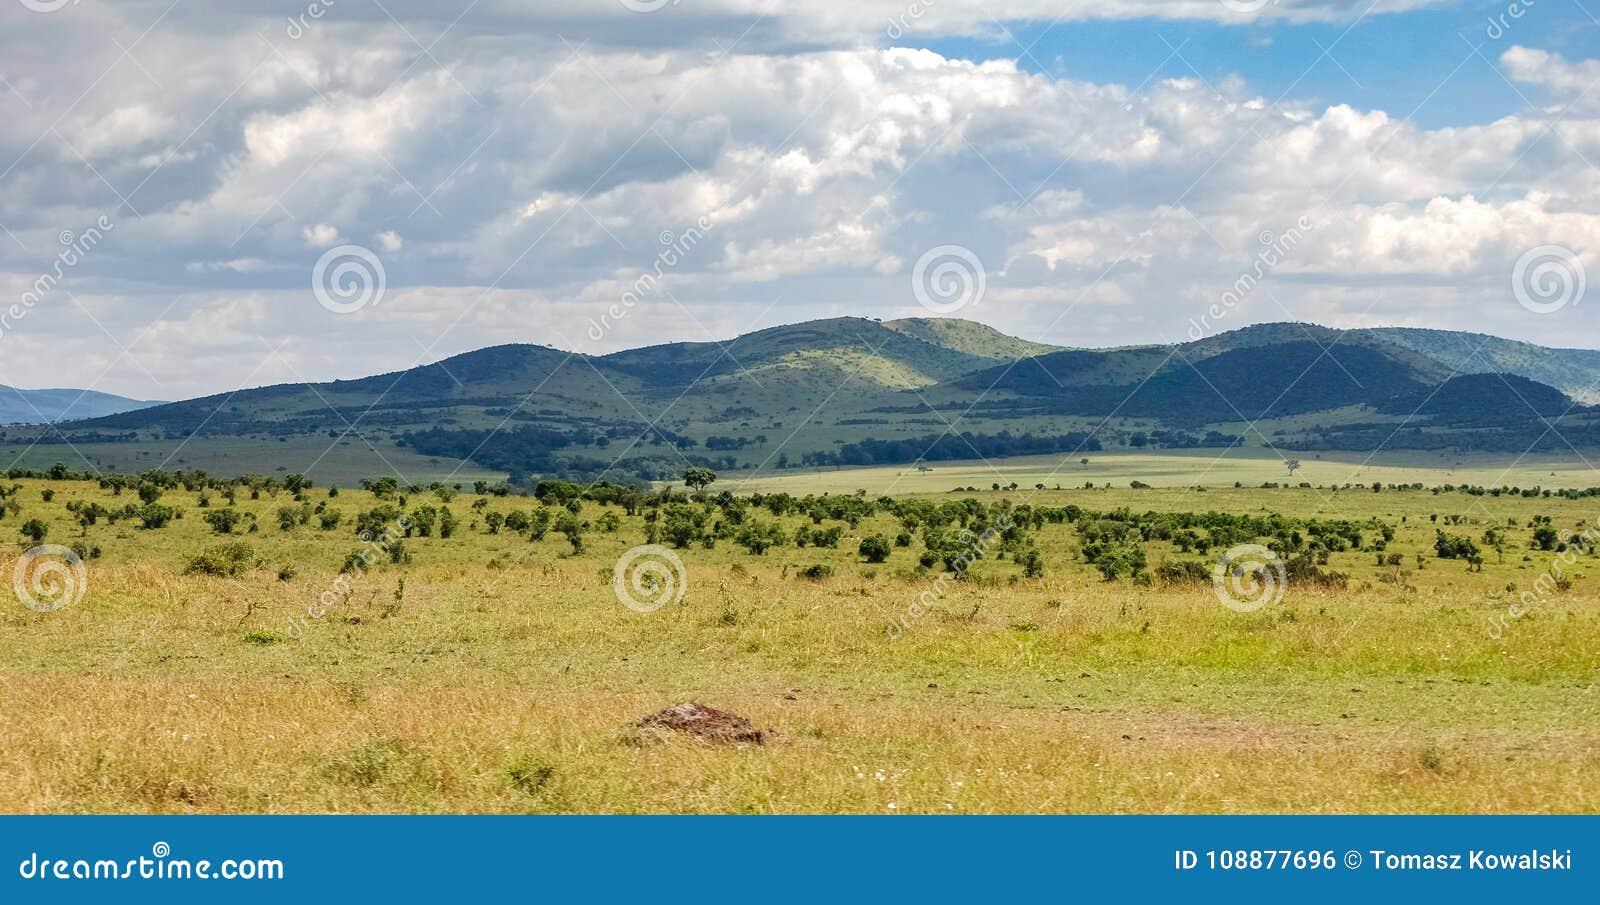 Sawanna w Masai Mara Krajowej rezerwie, Kenja